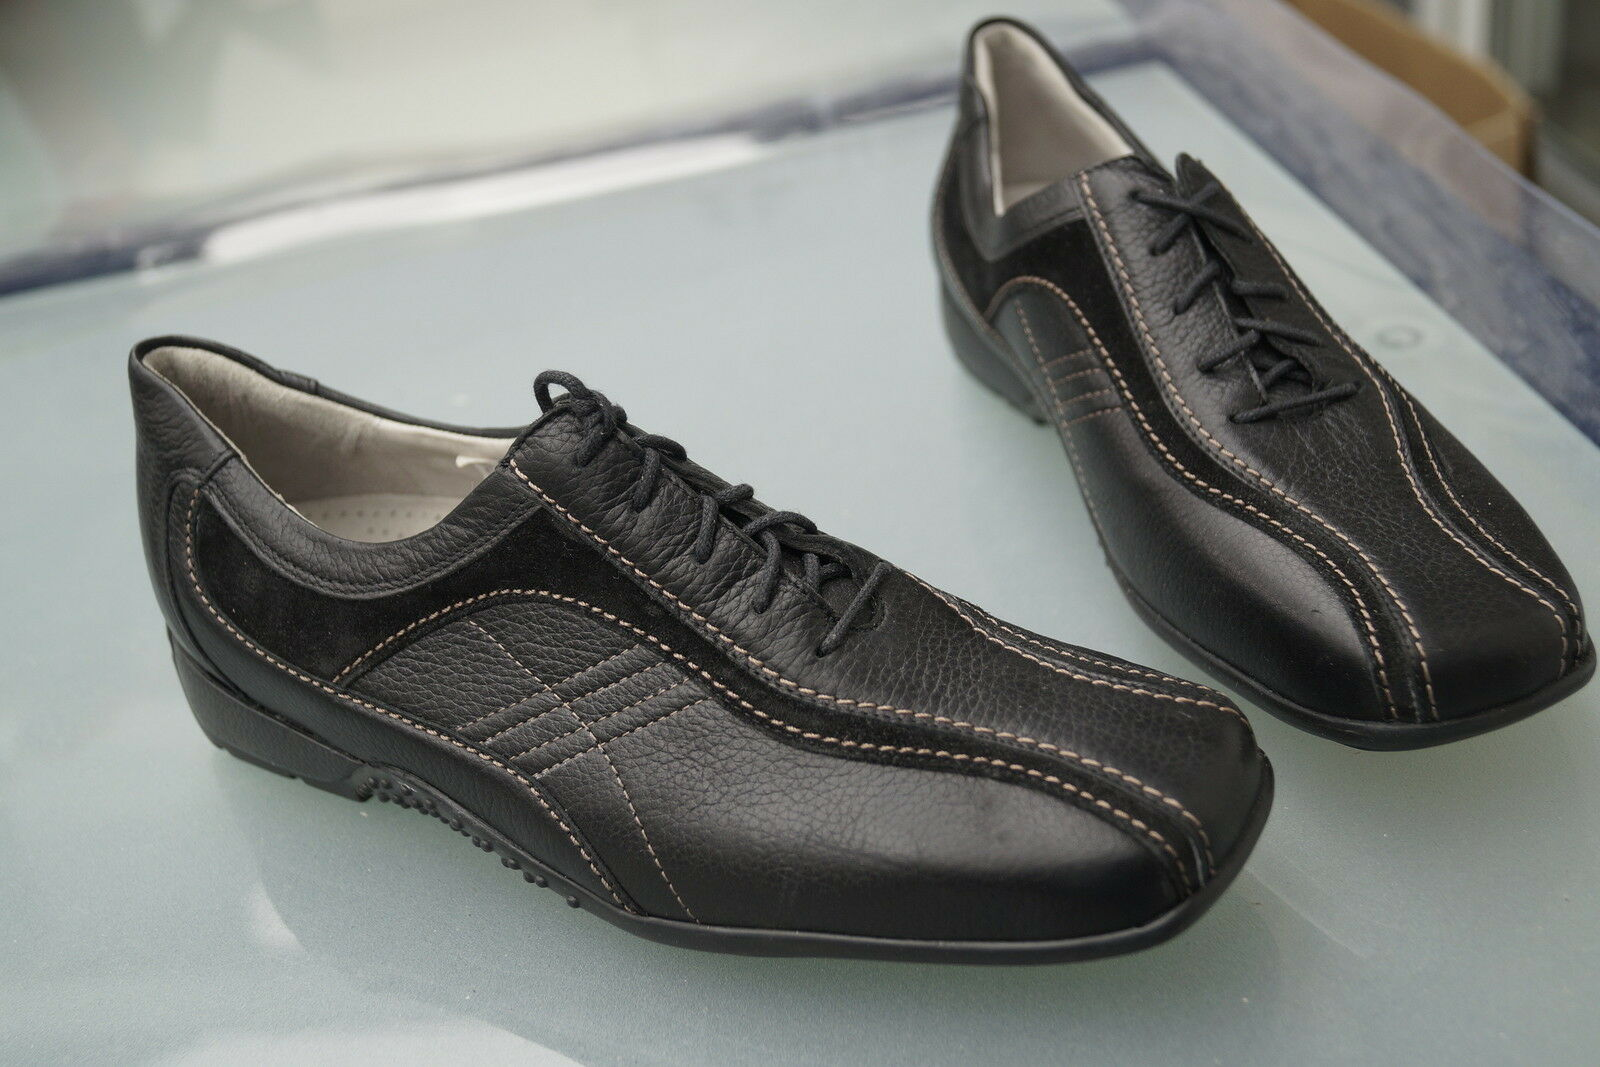 WBLDLÄUFER Damen Comfort Schuhe Schnürschuh m Einlagen schwarz Gr.4,5 G 37,5 NEU